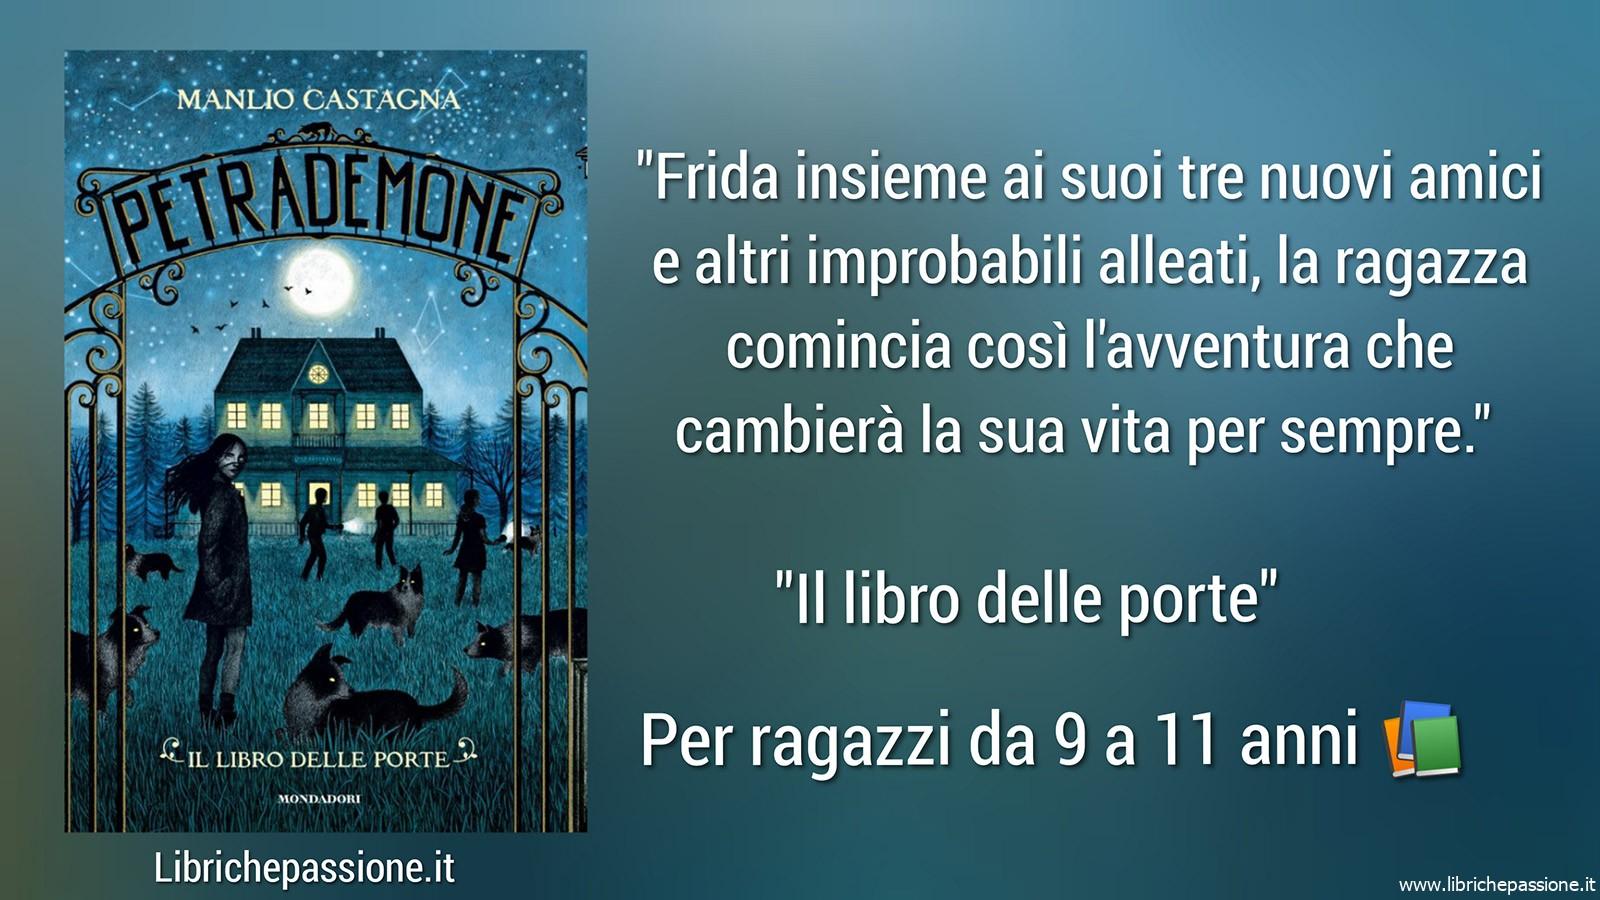 """Vi presento """"Petrademone"""",autore Manlio Castagna, edito Mondadori. Lettura adatta ai ragazzi da 9 a 11 anni"""